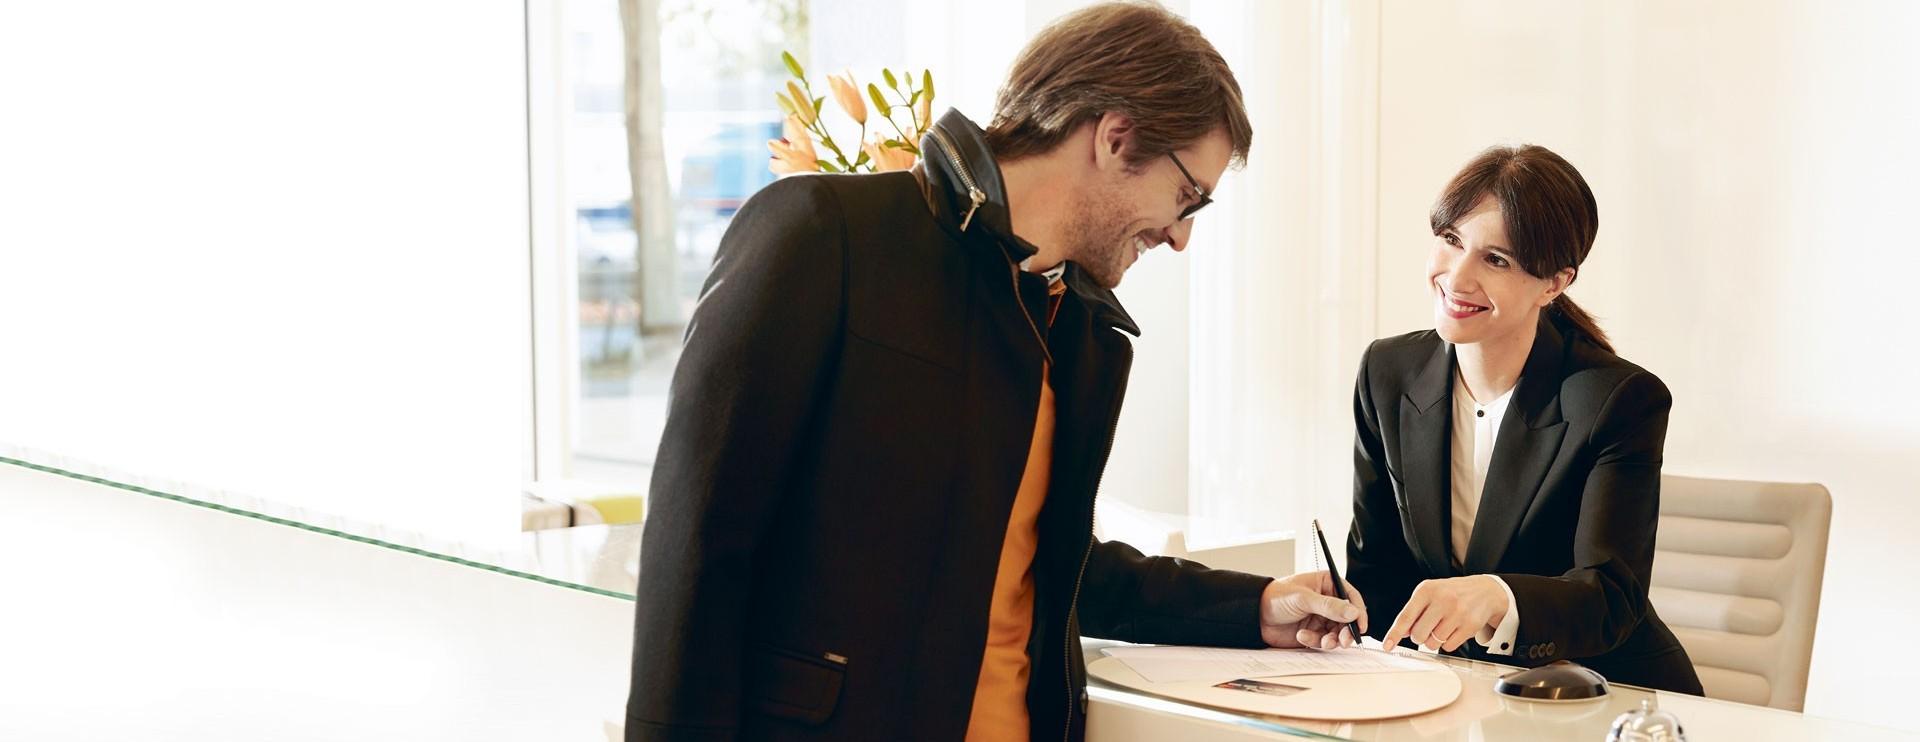 Business traveler at reception desk.